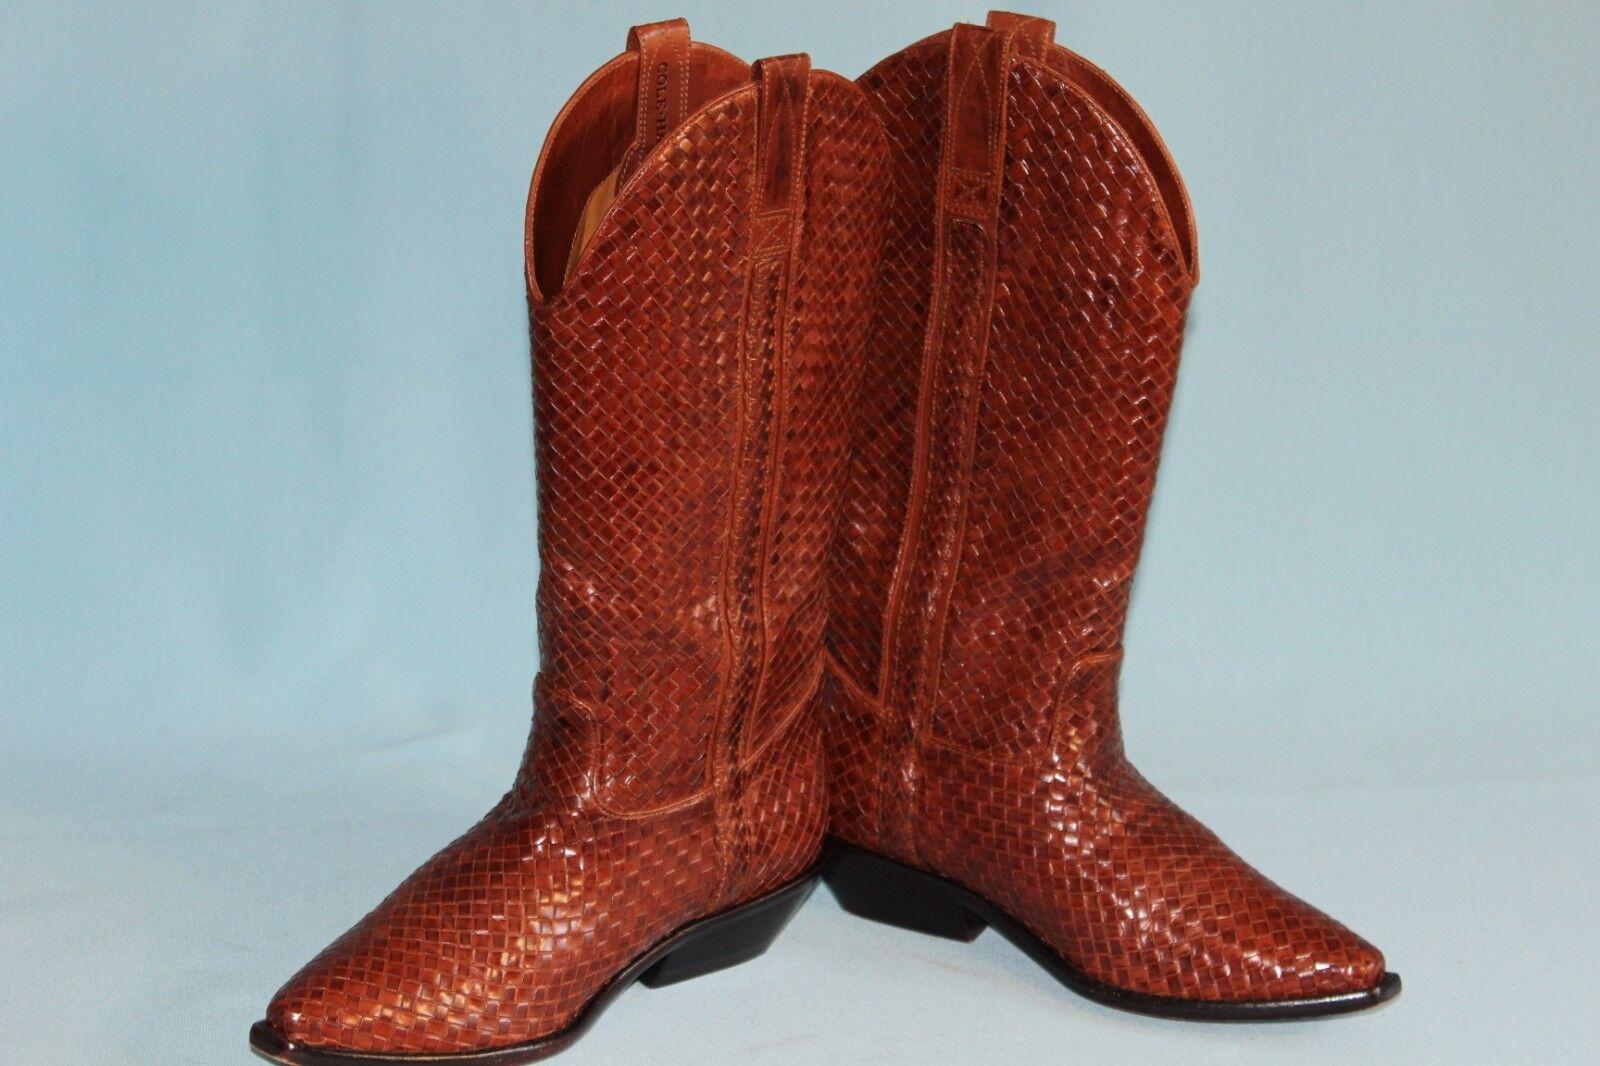 Cole Haan para mujer botas de Vaquero Cuero cestería estilo Nº F2034 7 1 2 B Marrón